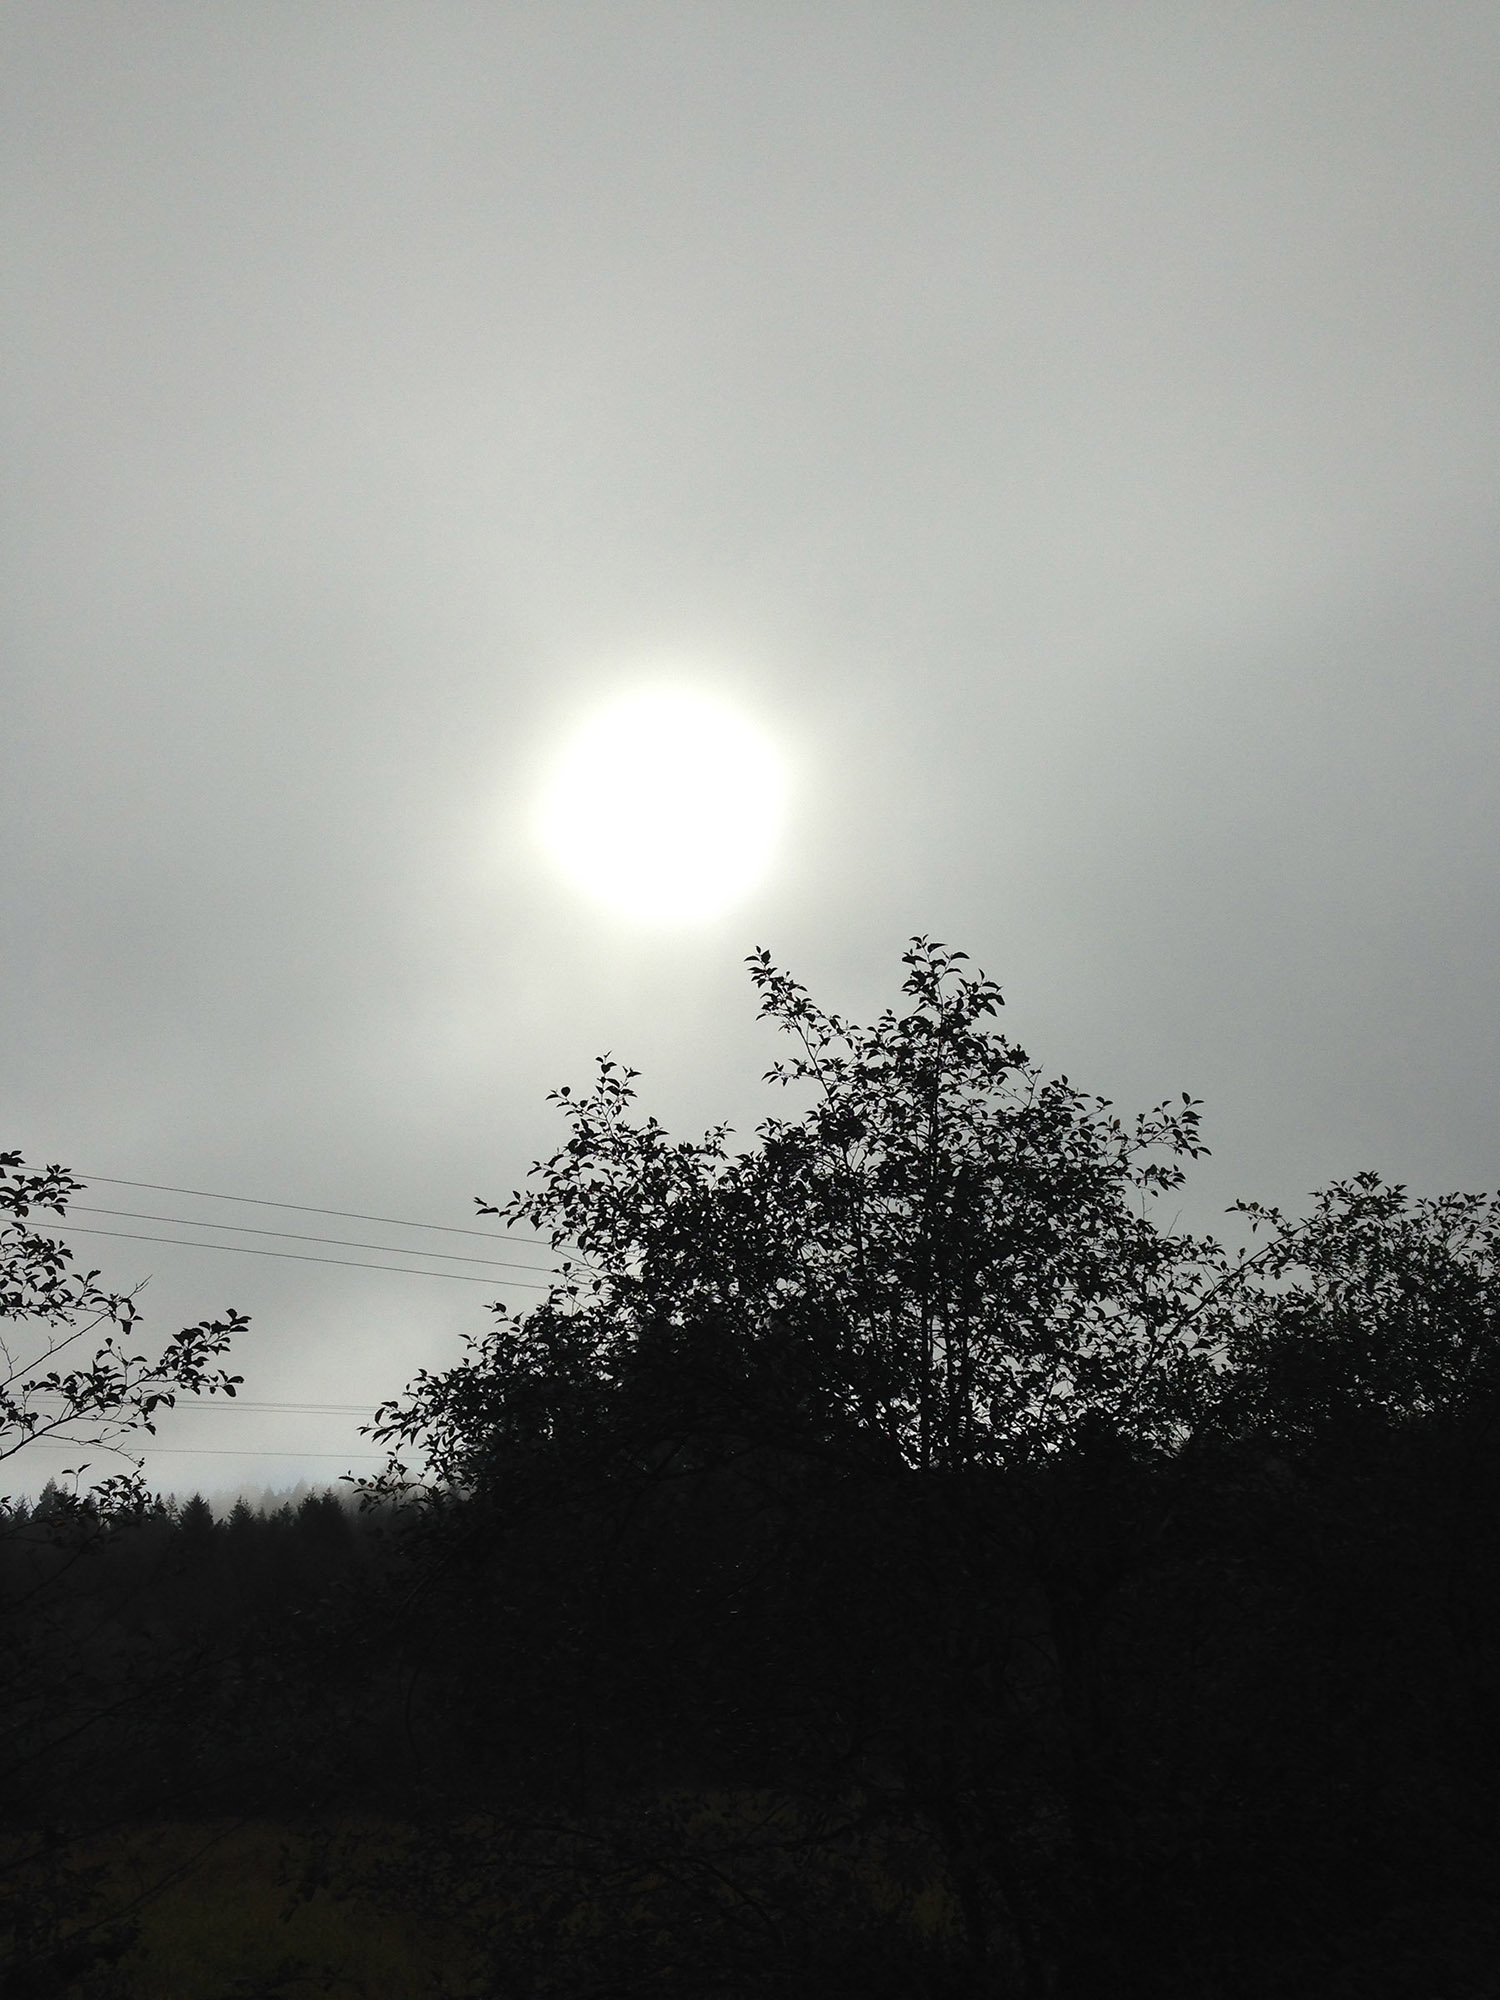 2017 08 21 Eclipse Clouds